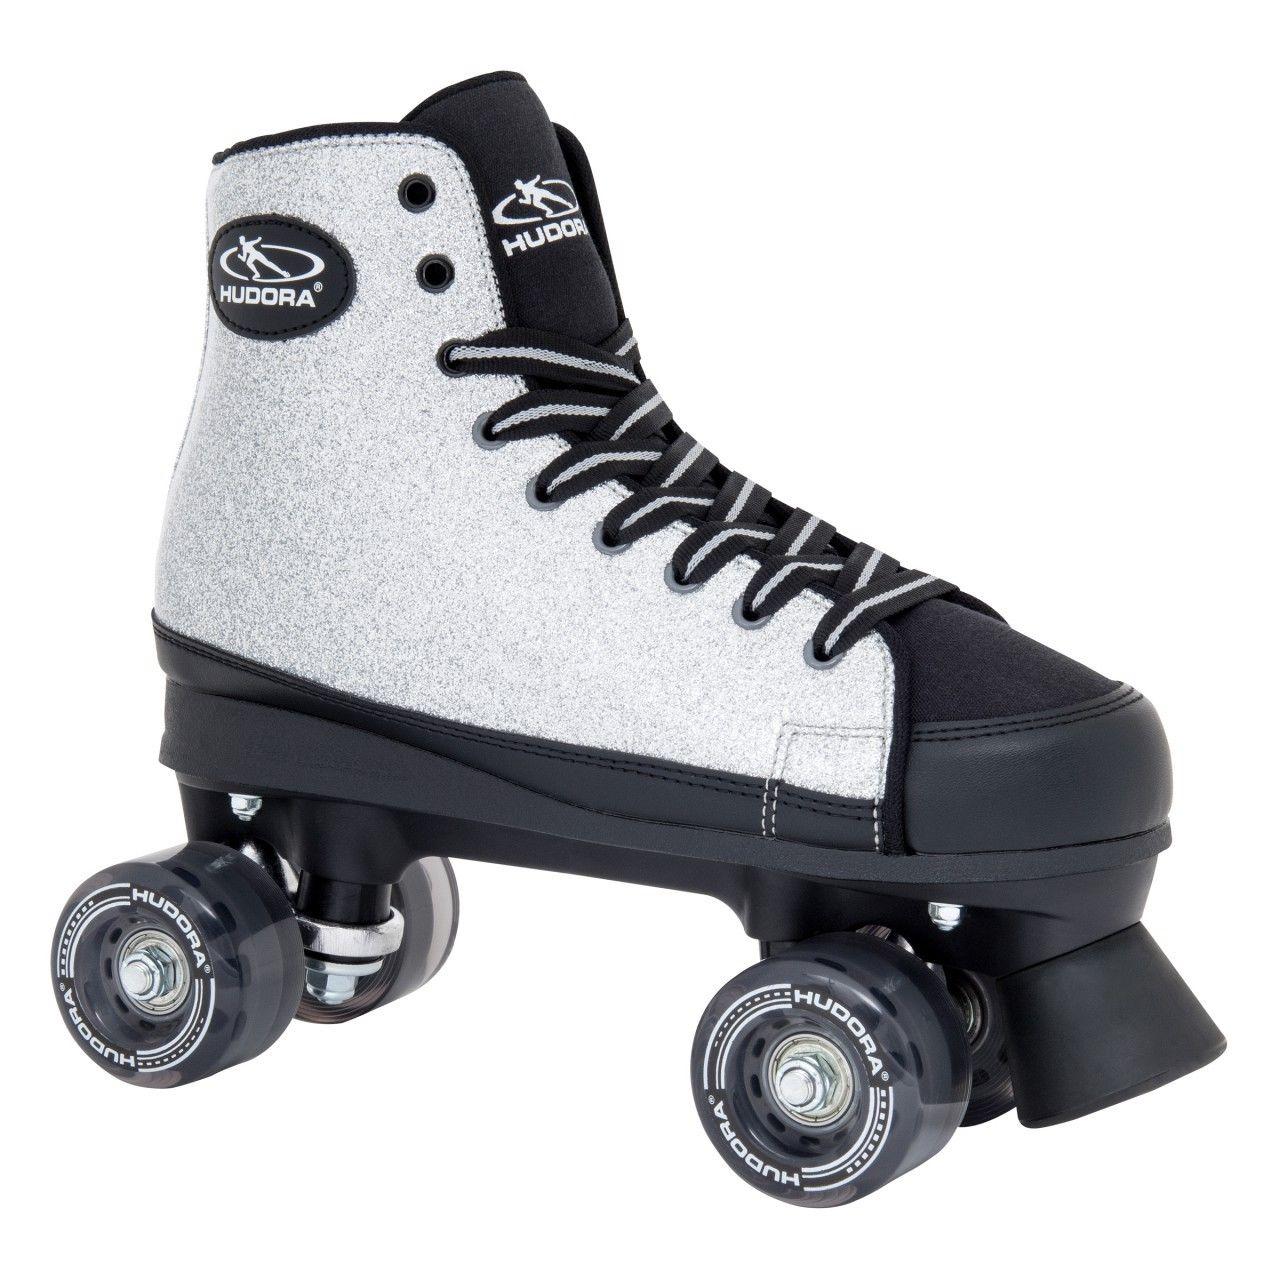 Купить Ролики Roller Skates Silver Glamour, размер 42, серые, Hudora